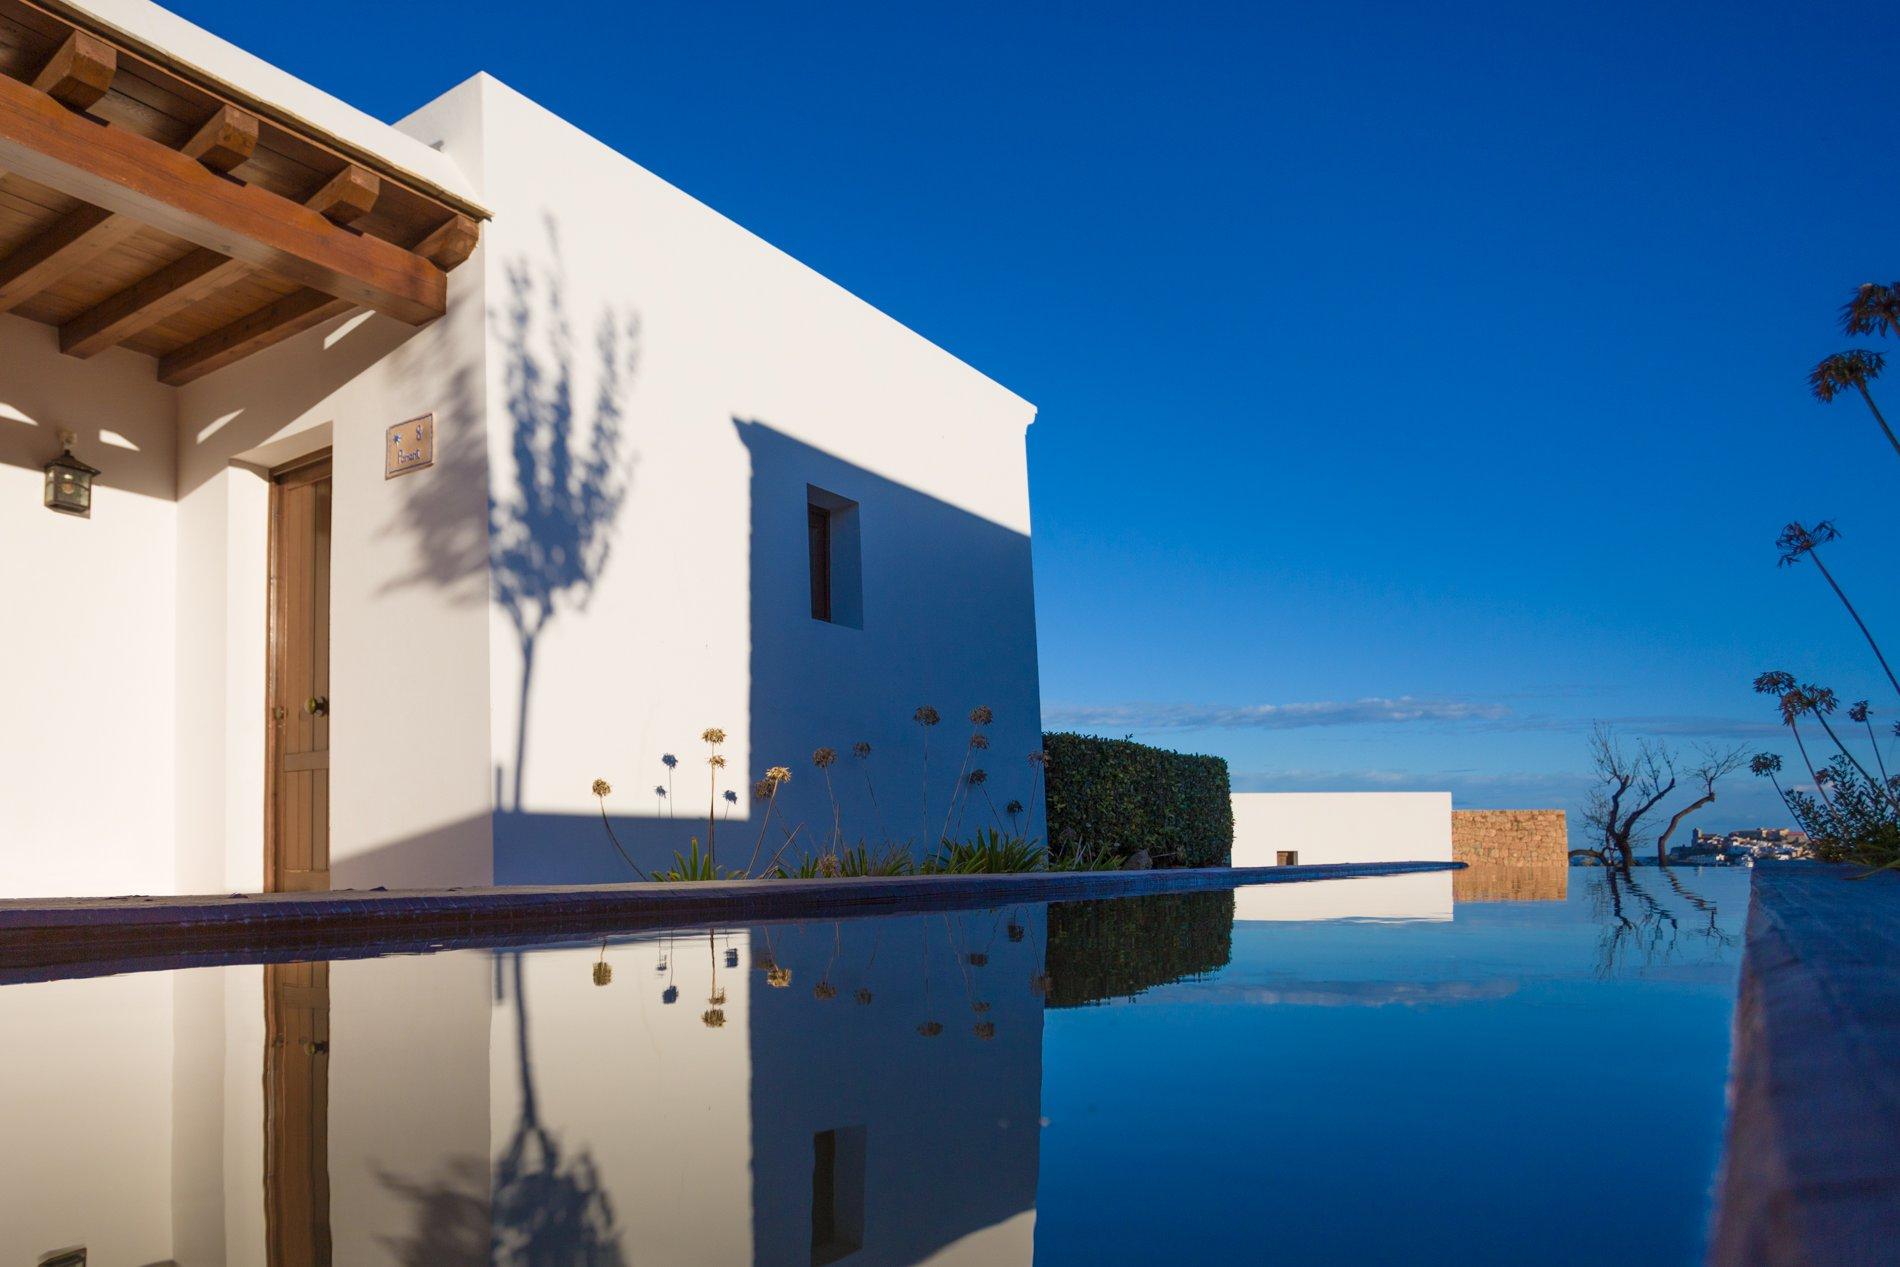 El complejo cuenta con 10 villas: 2 suites y ocho habitaciones con salón, baño y terraza.